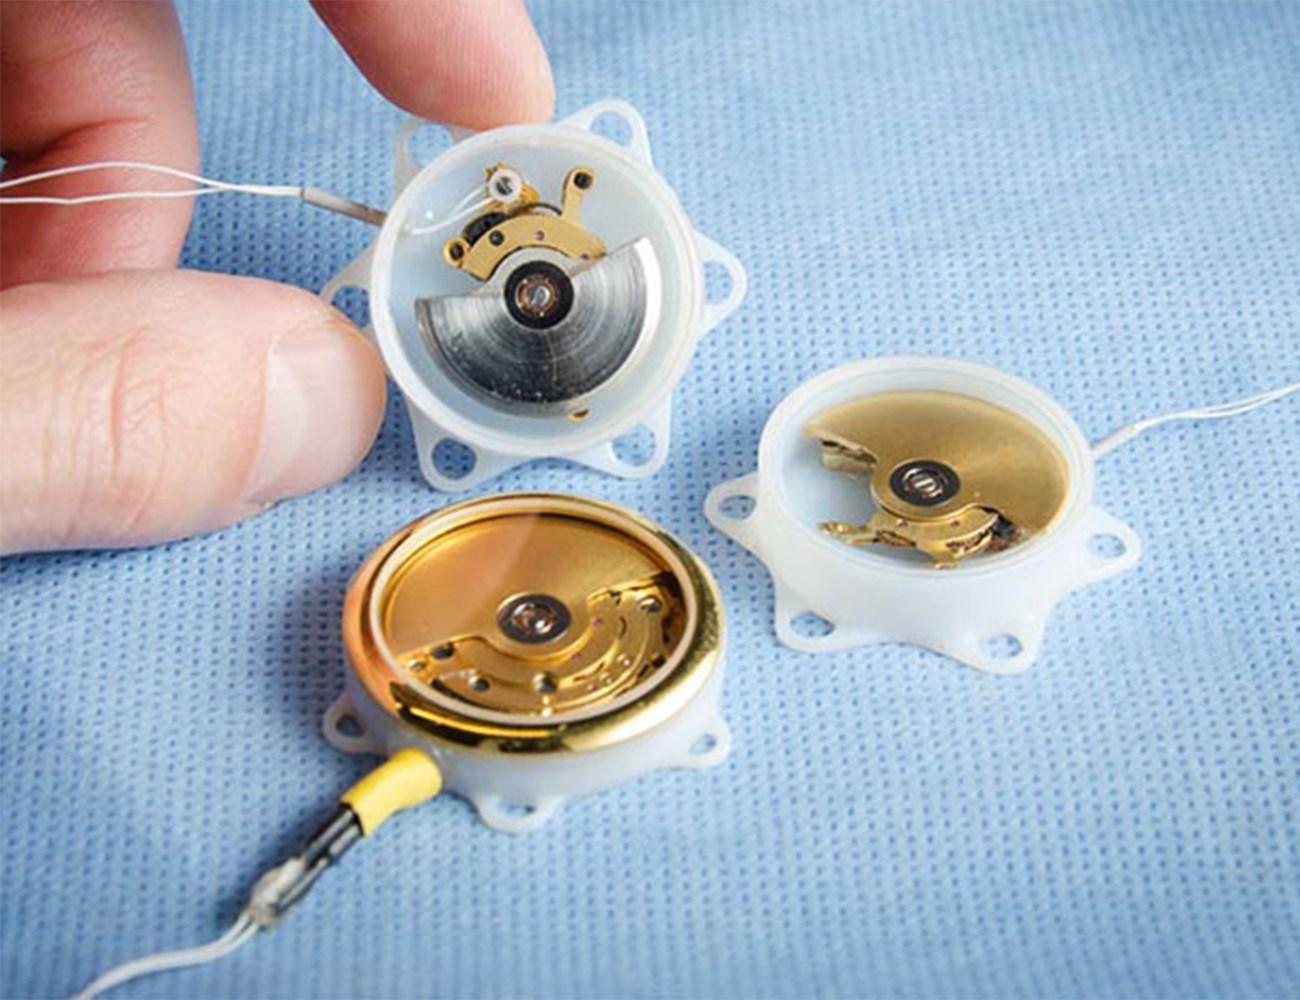 кардиостимуляторы будут работать на энергии самого сердца